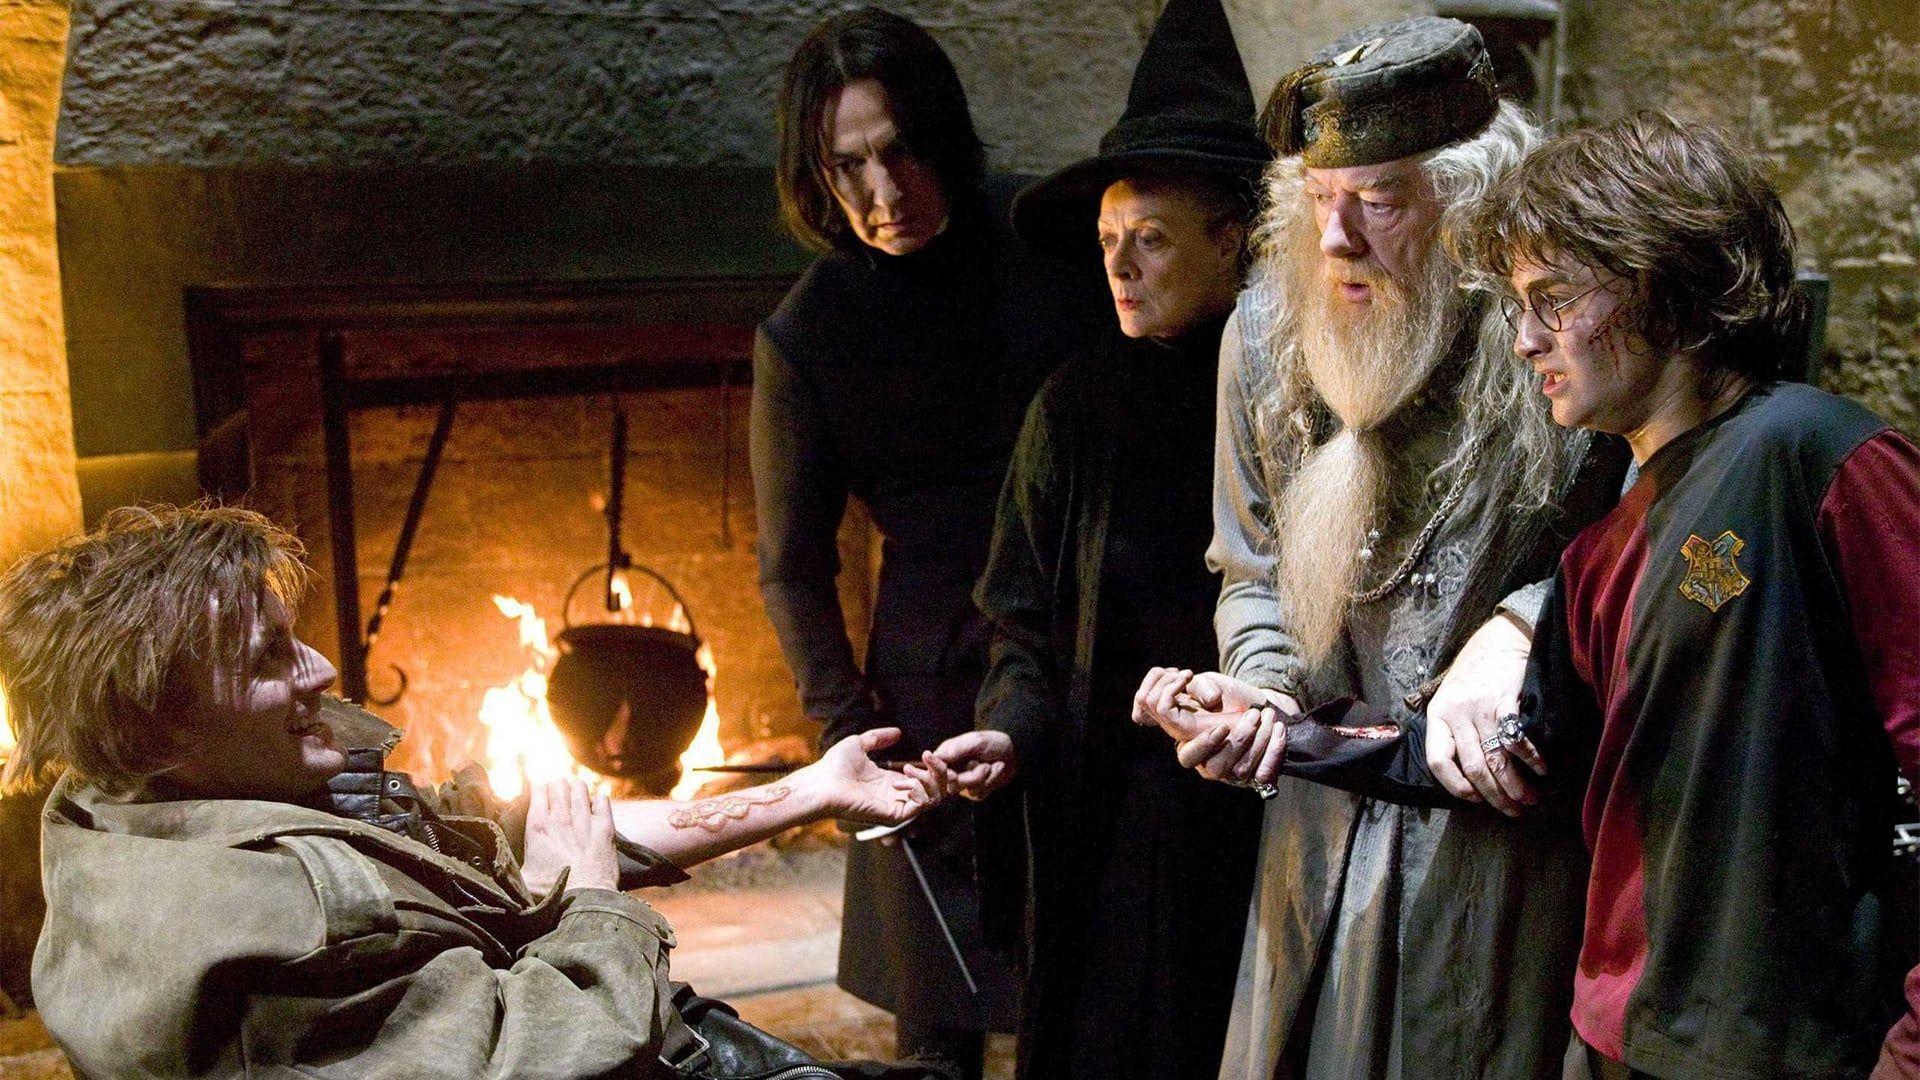 La Quatrieme Annee A L Ecole De Poudlard Est Marquee Par Le Tournoi Des Trois Sorciers Les Participa In 2020 Harry Potter Movies Harry Potter Universal Harry Potter